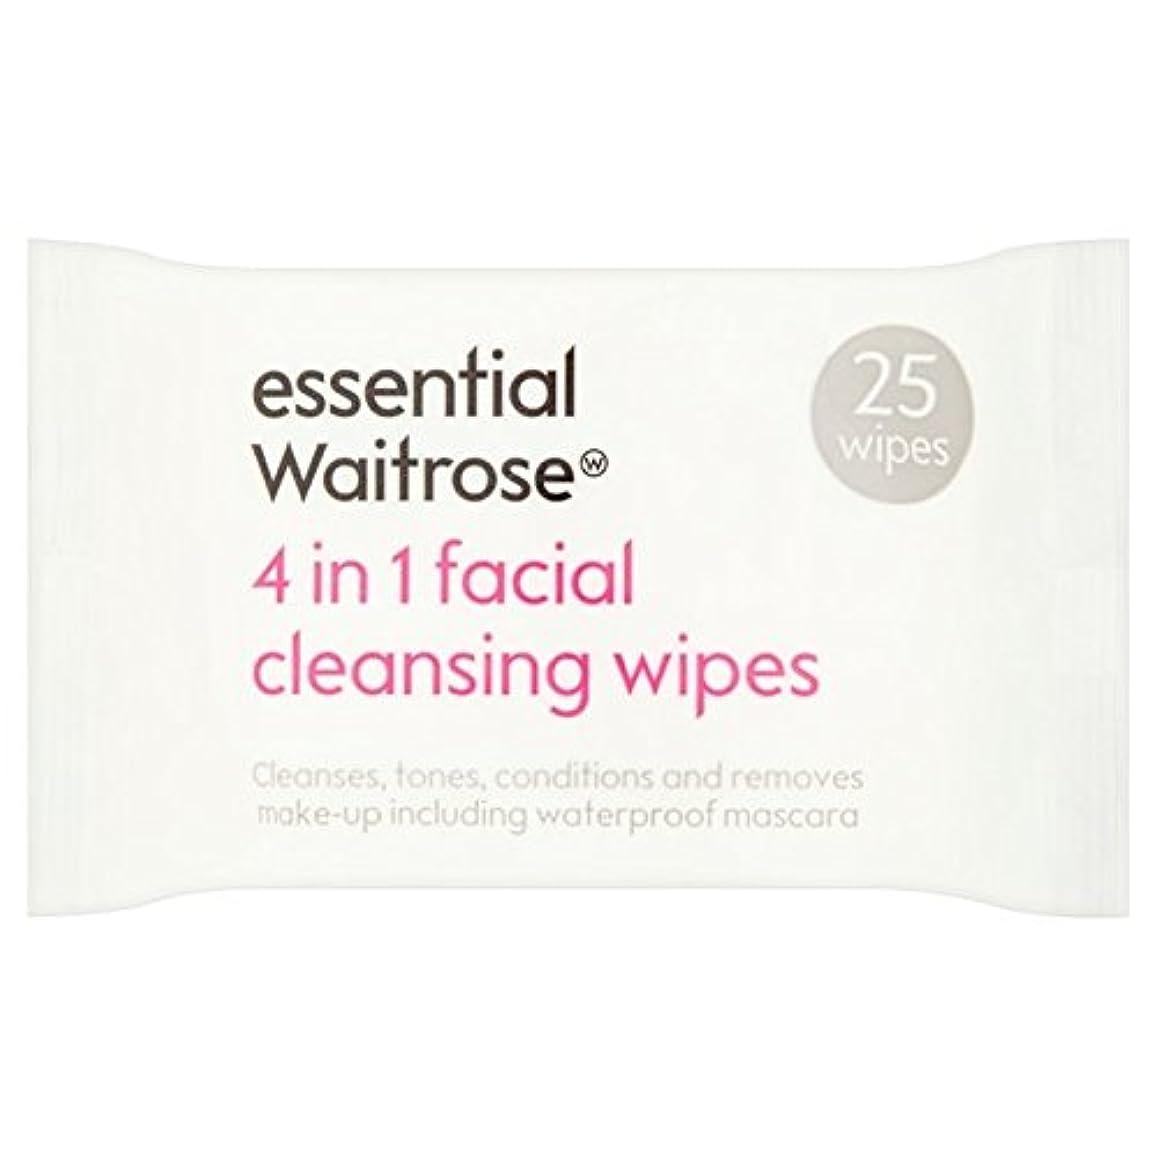 ボックス予見するごみ3 1での顔のワイプパックあたり不可欠ウェイトローズ25 x4-3 in 1 Facial Wipes essential Waitrose 25 per pack (Pack of 4) [並行輸入品]